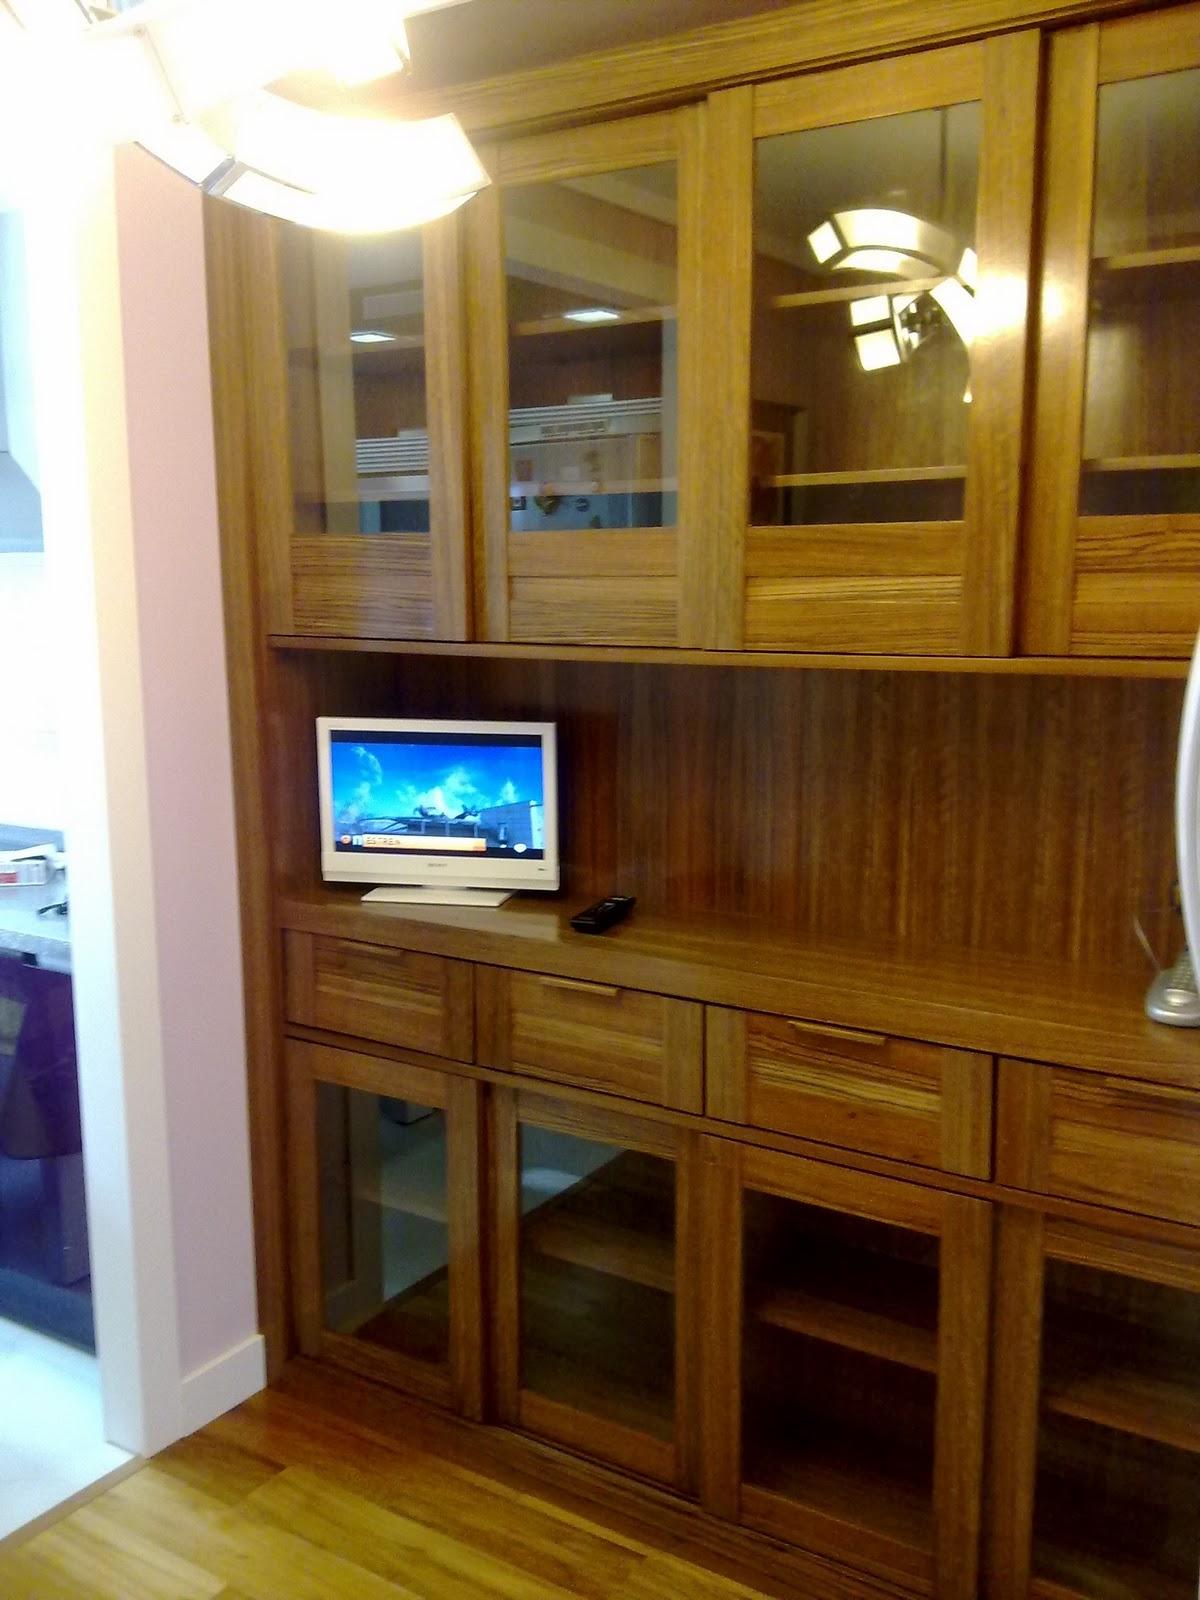 CARPINTERO FERNANDO G. CALLEJA: Mueble alacena para comedor anexo a ...